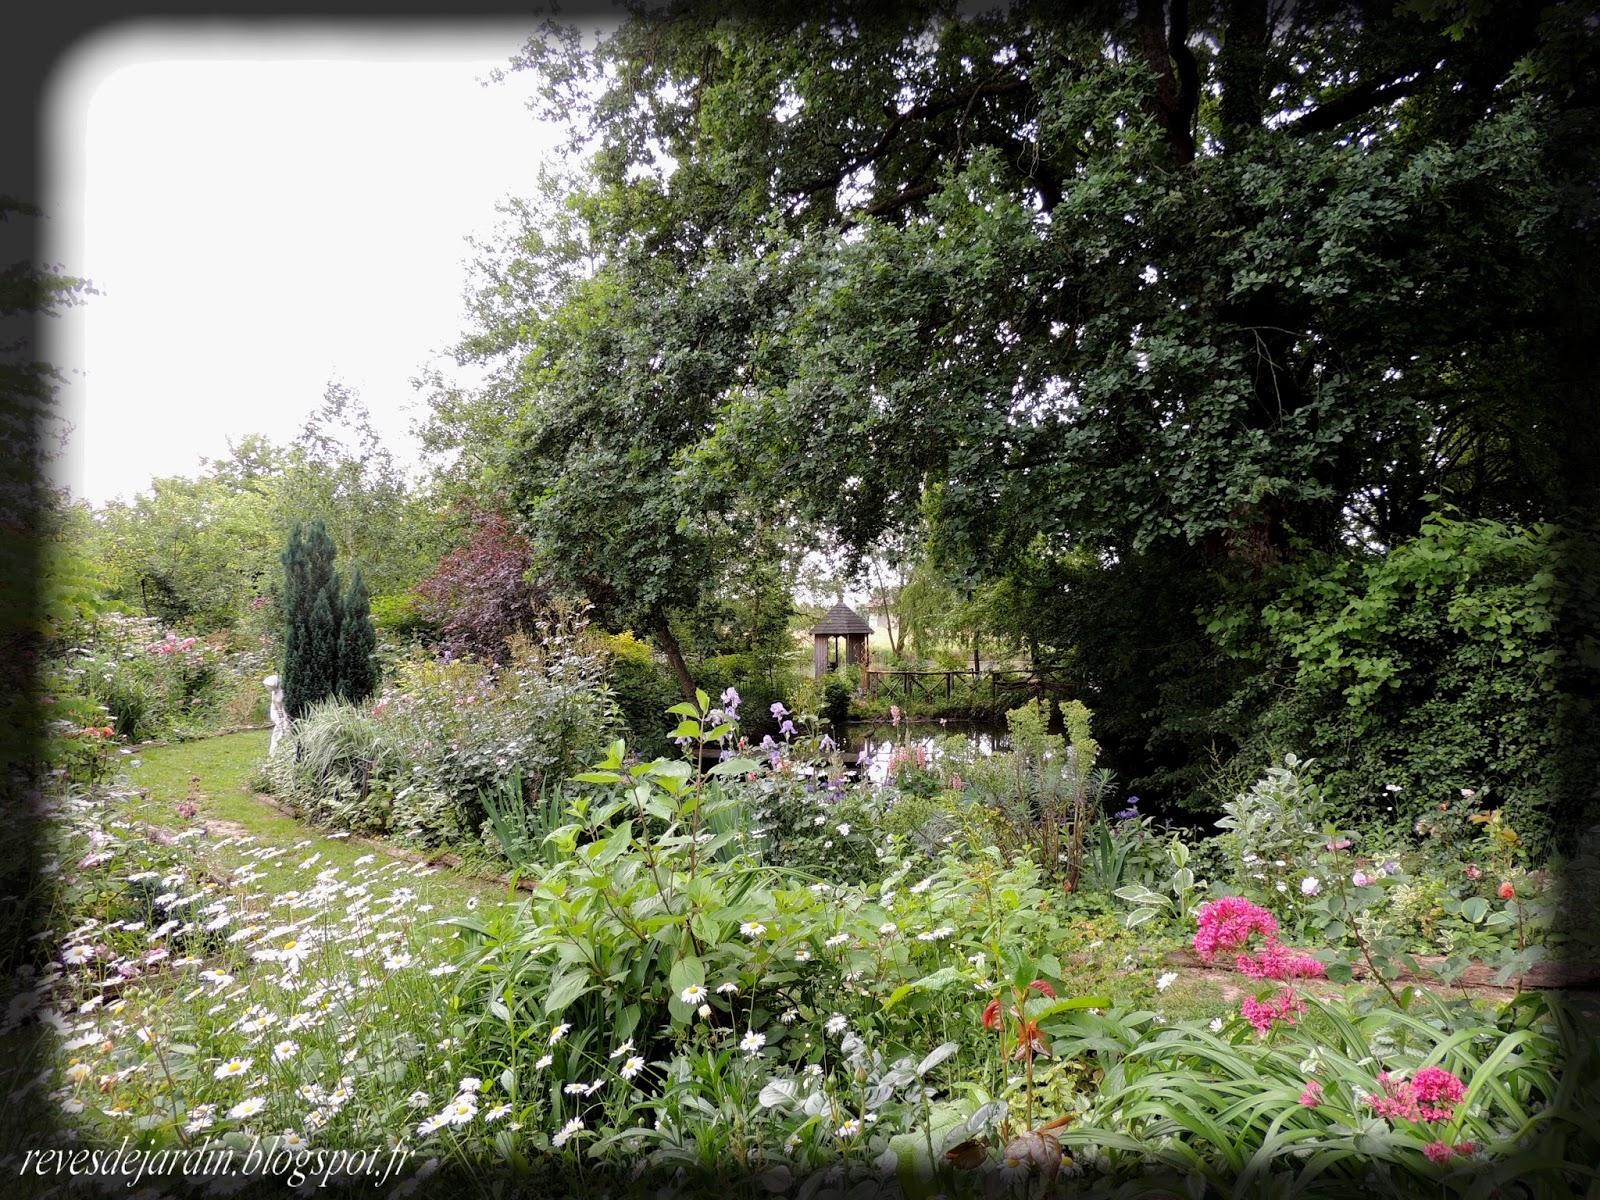 Il etait un petit jard 39 ain jardin de la bonne maison for Jardin bonheur 2015